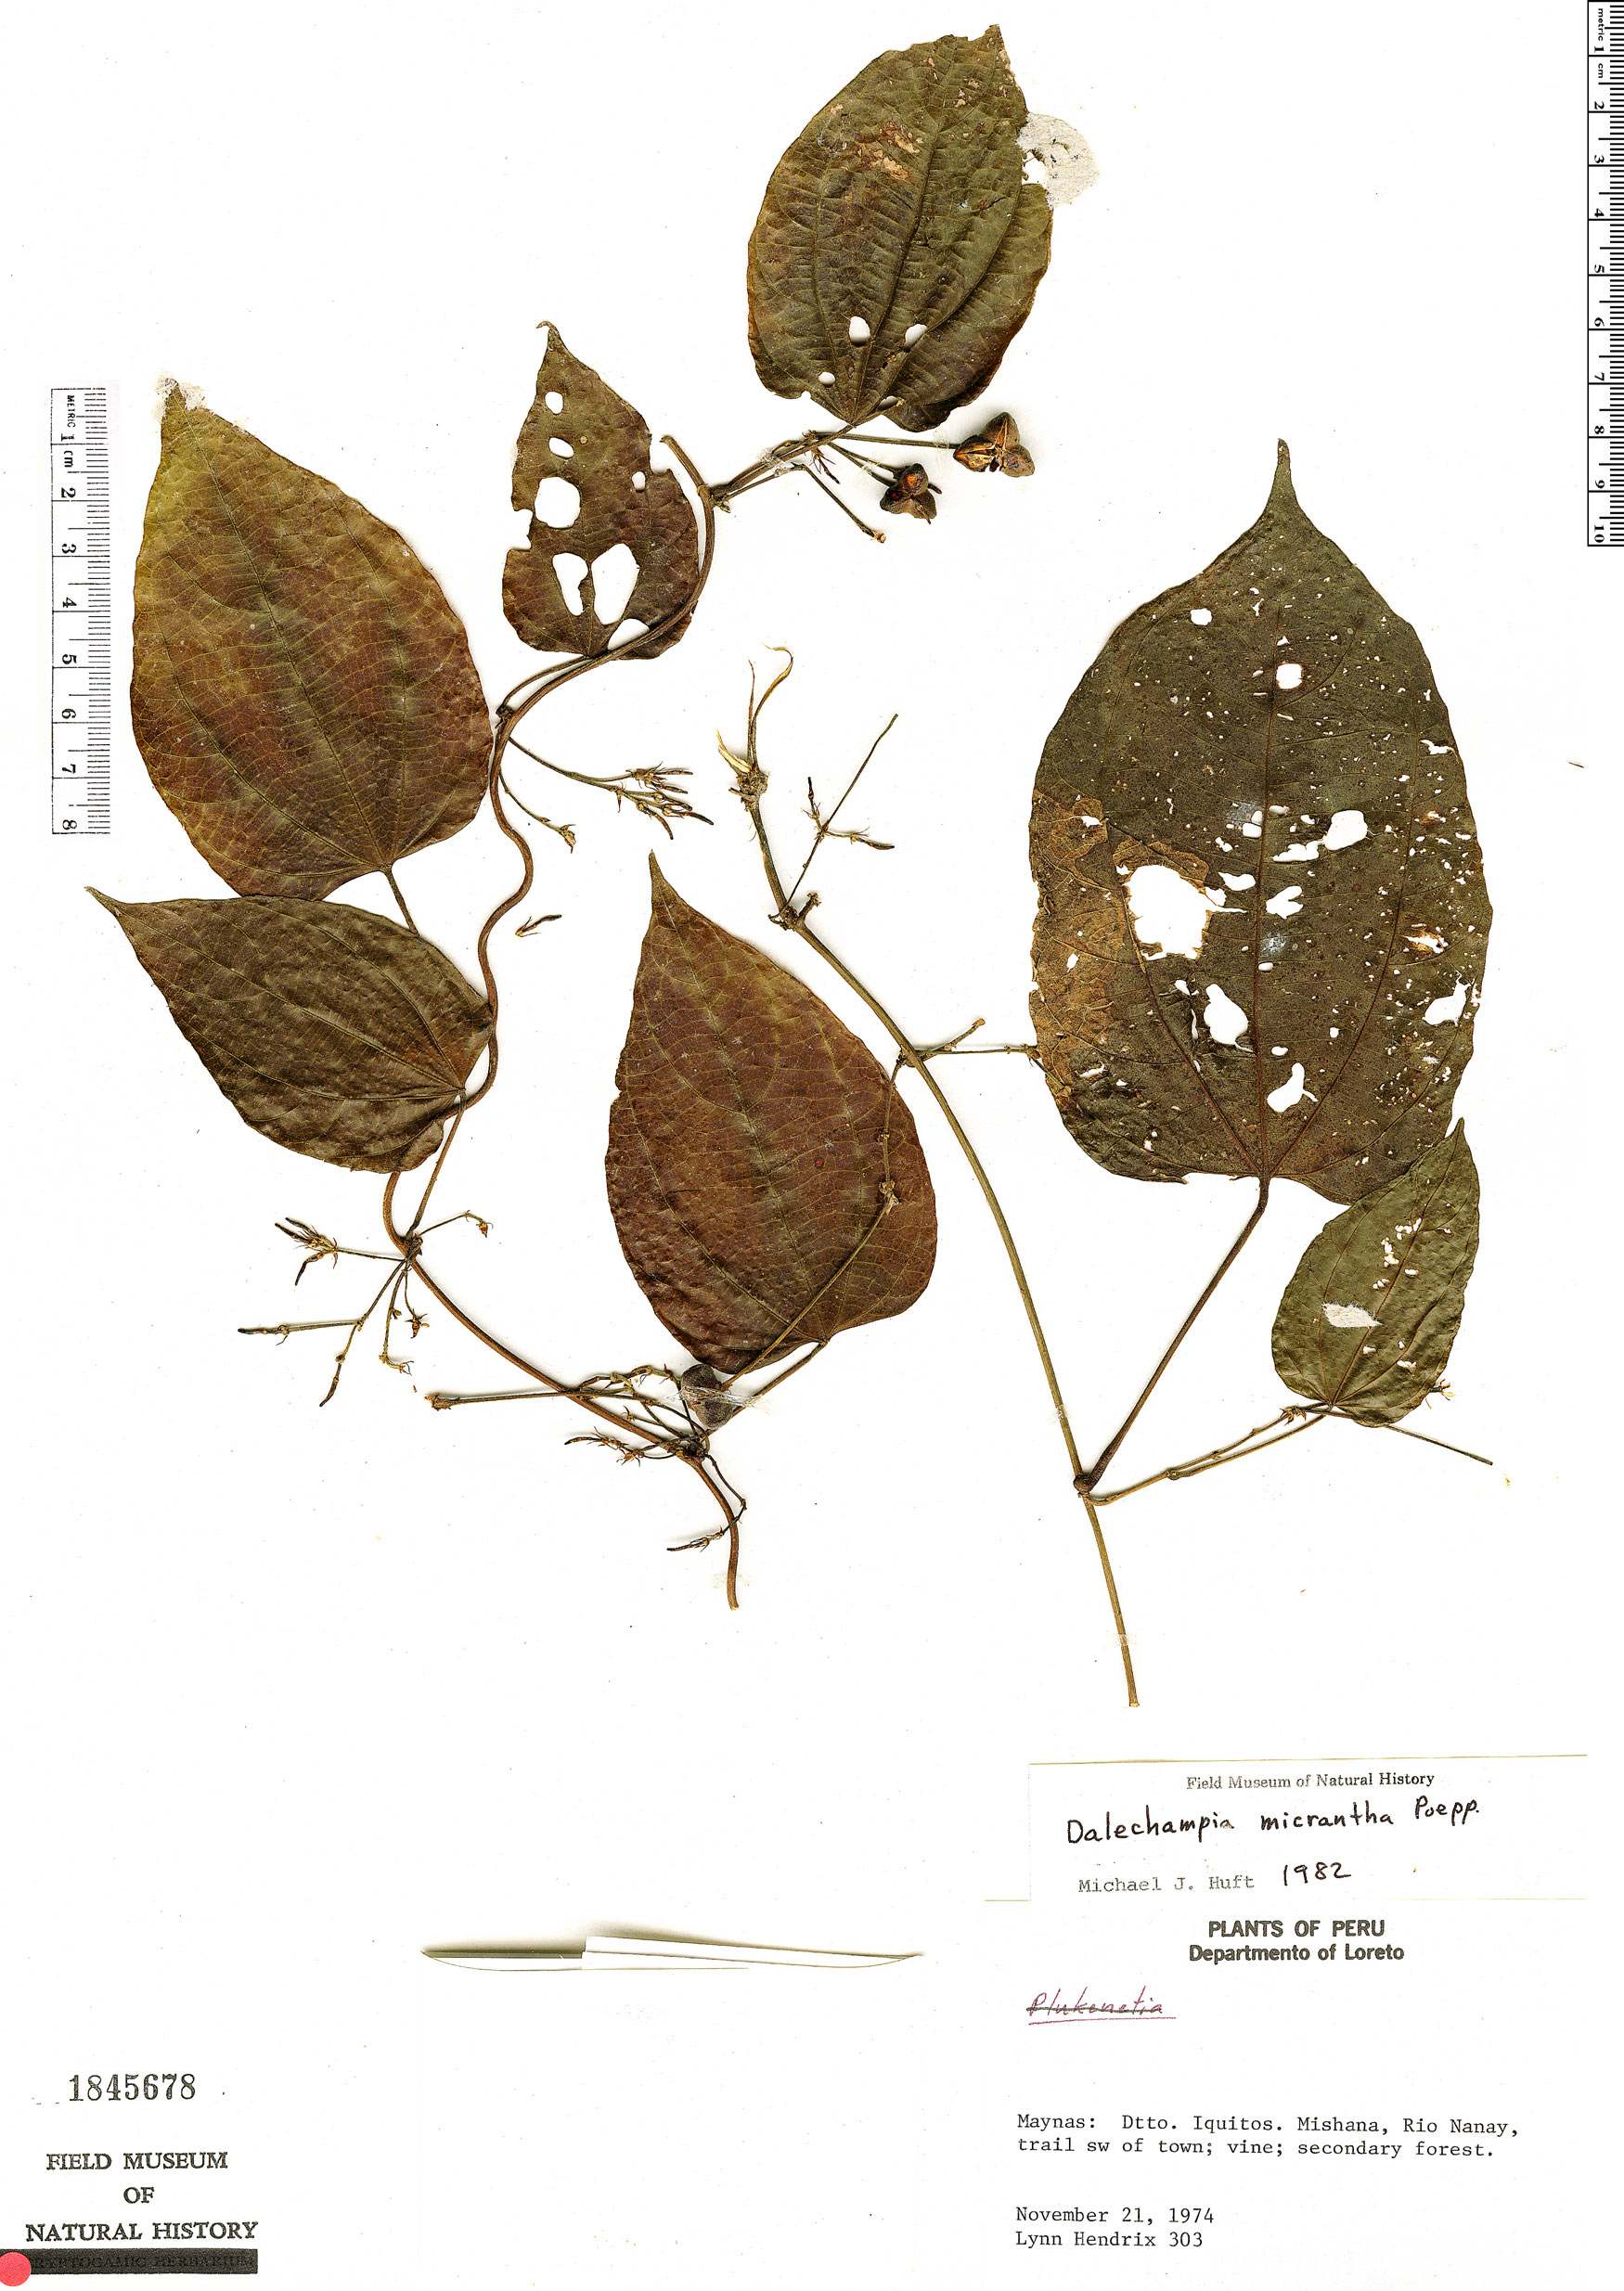 Specimen: Dalechampia micrantha